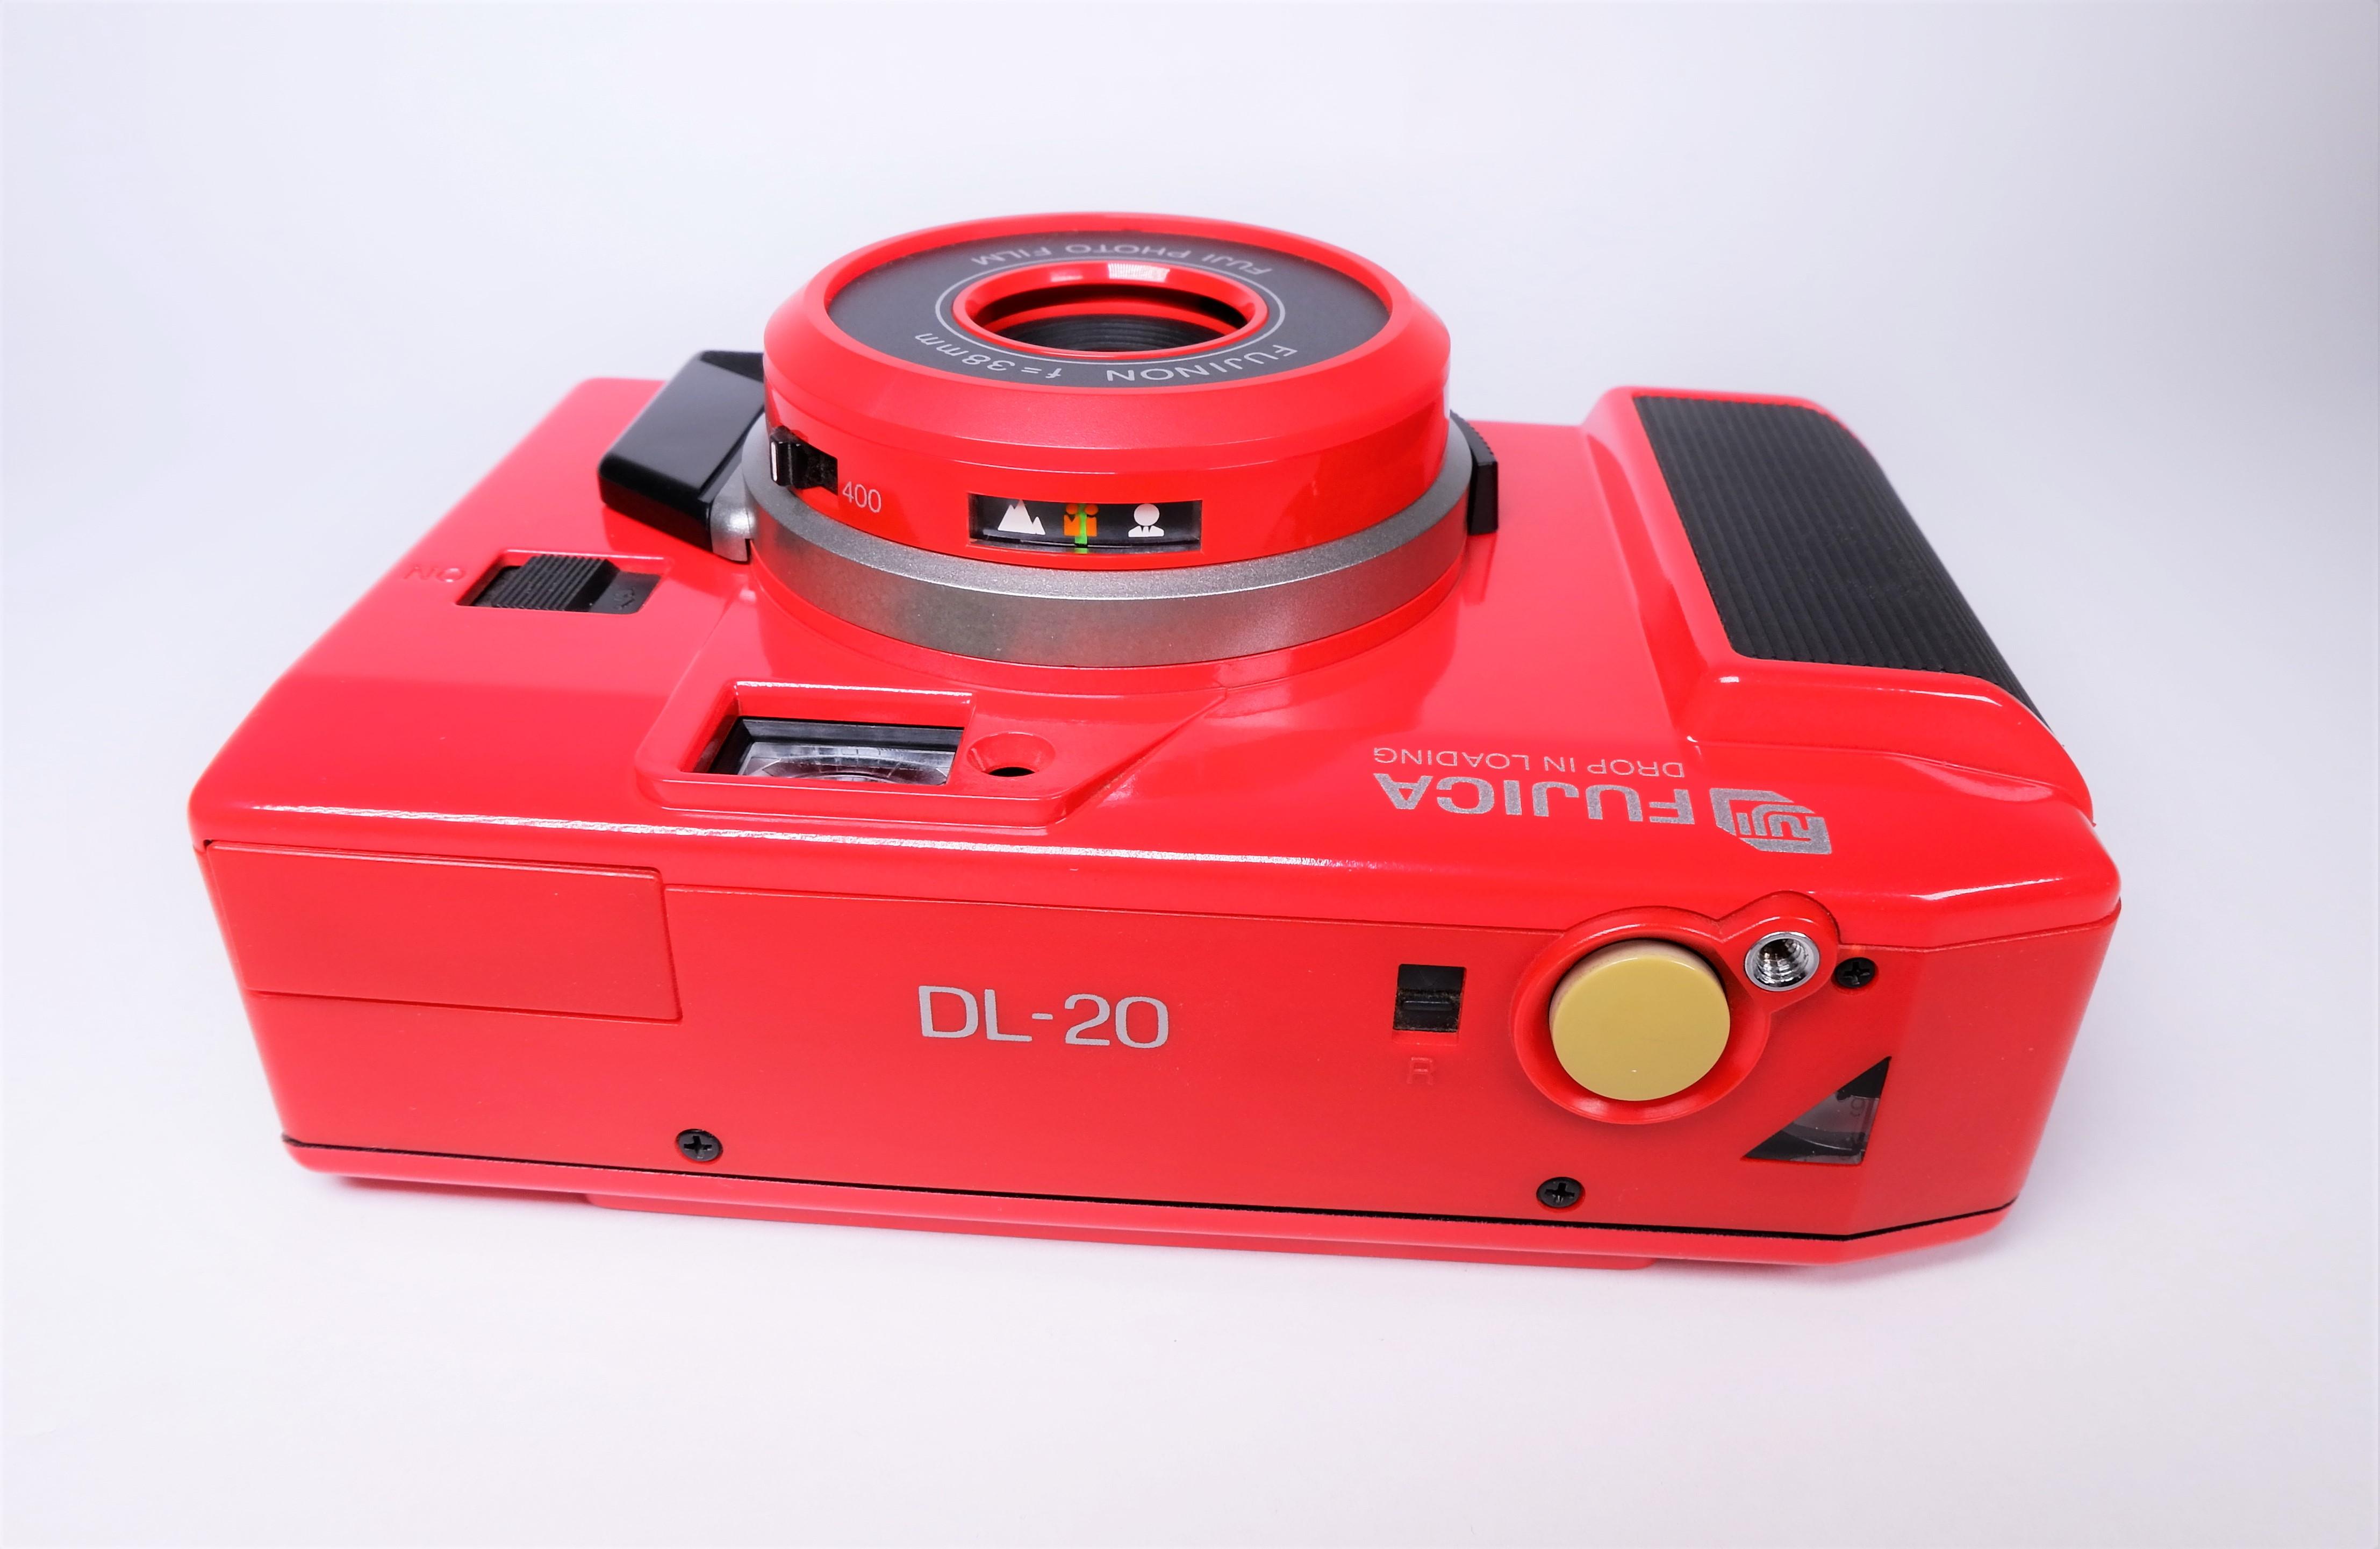 DSCF7405